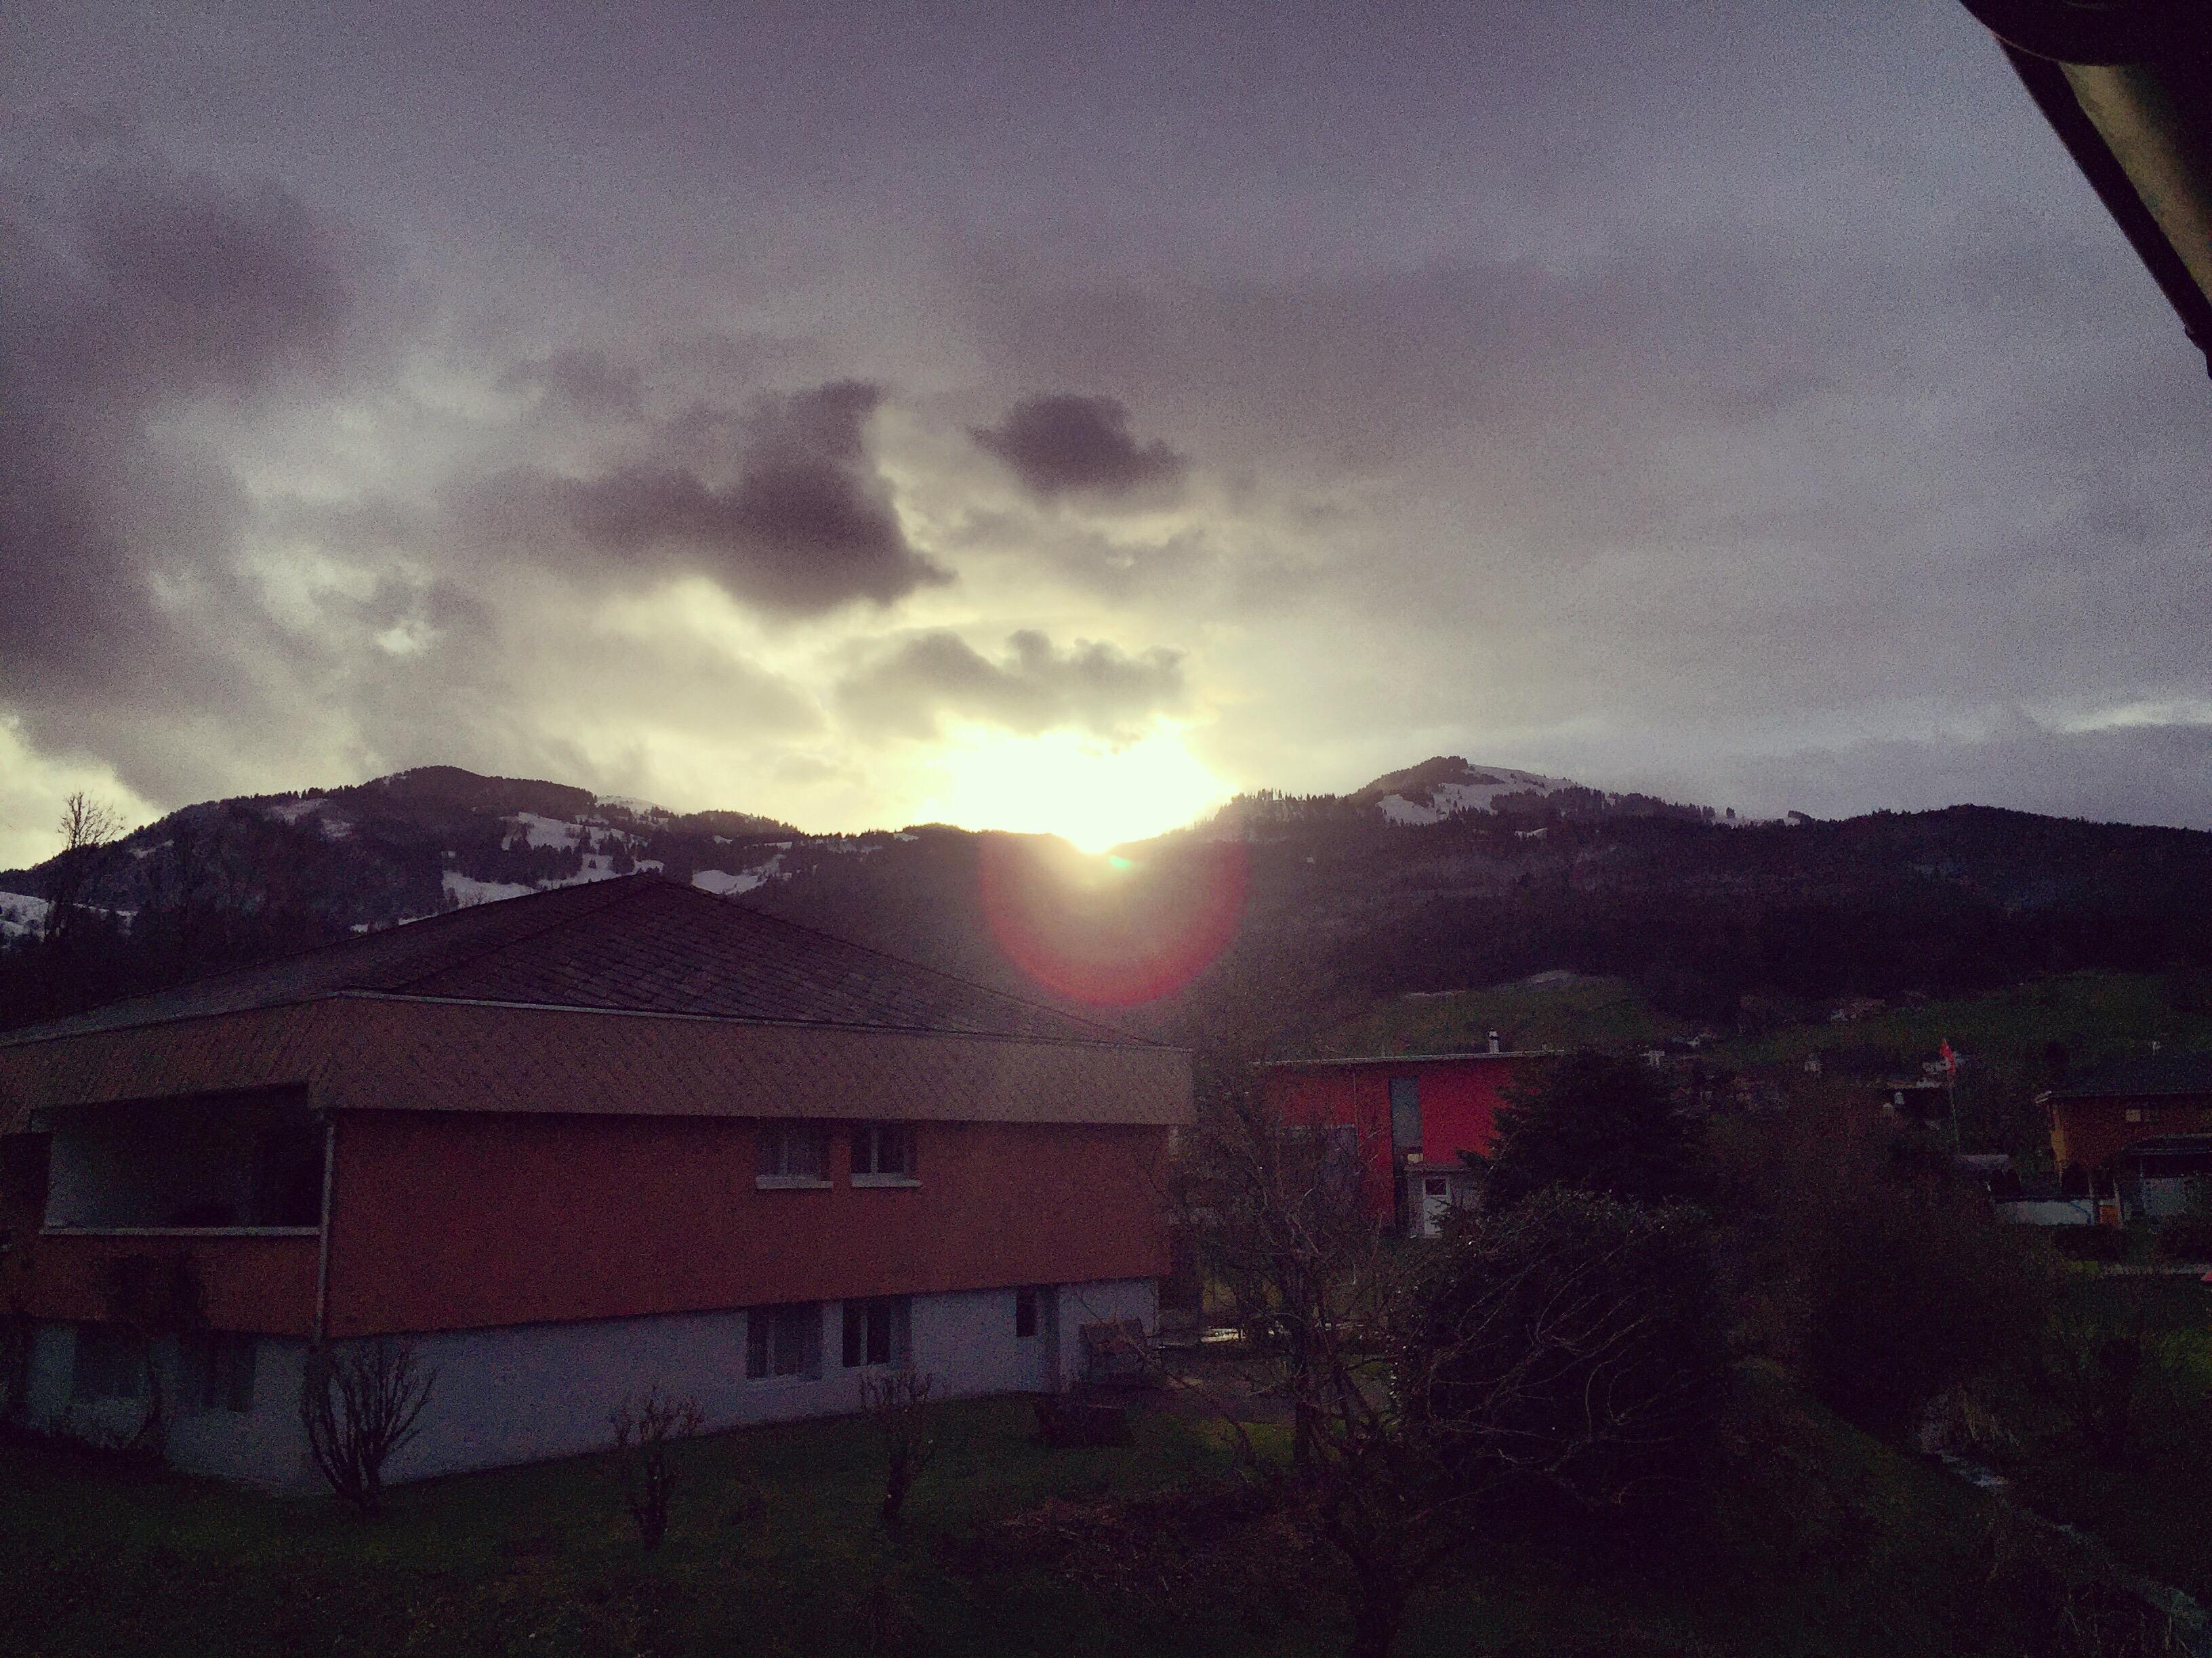 Op de bergen ligt al wat sneeuw, de felle zon op de witte sneeuw verblind je gewoon helemaal.